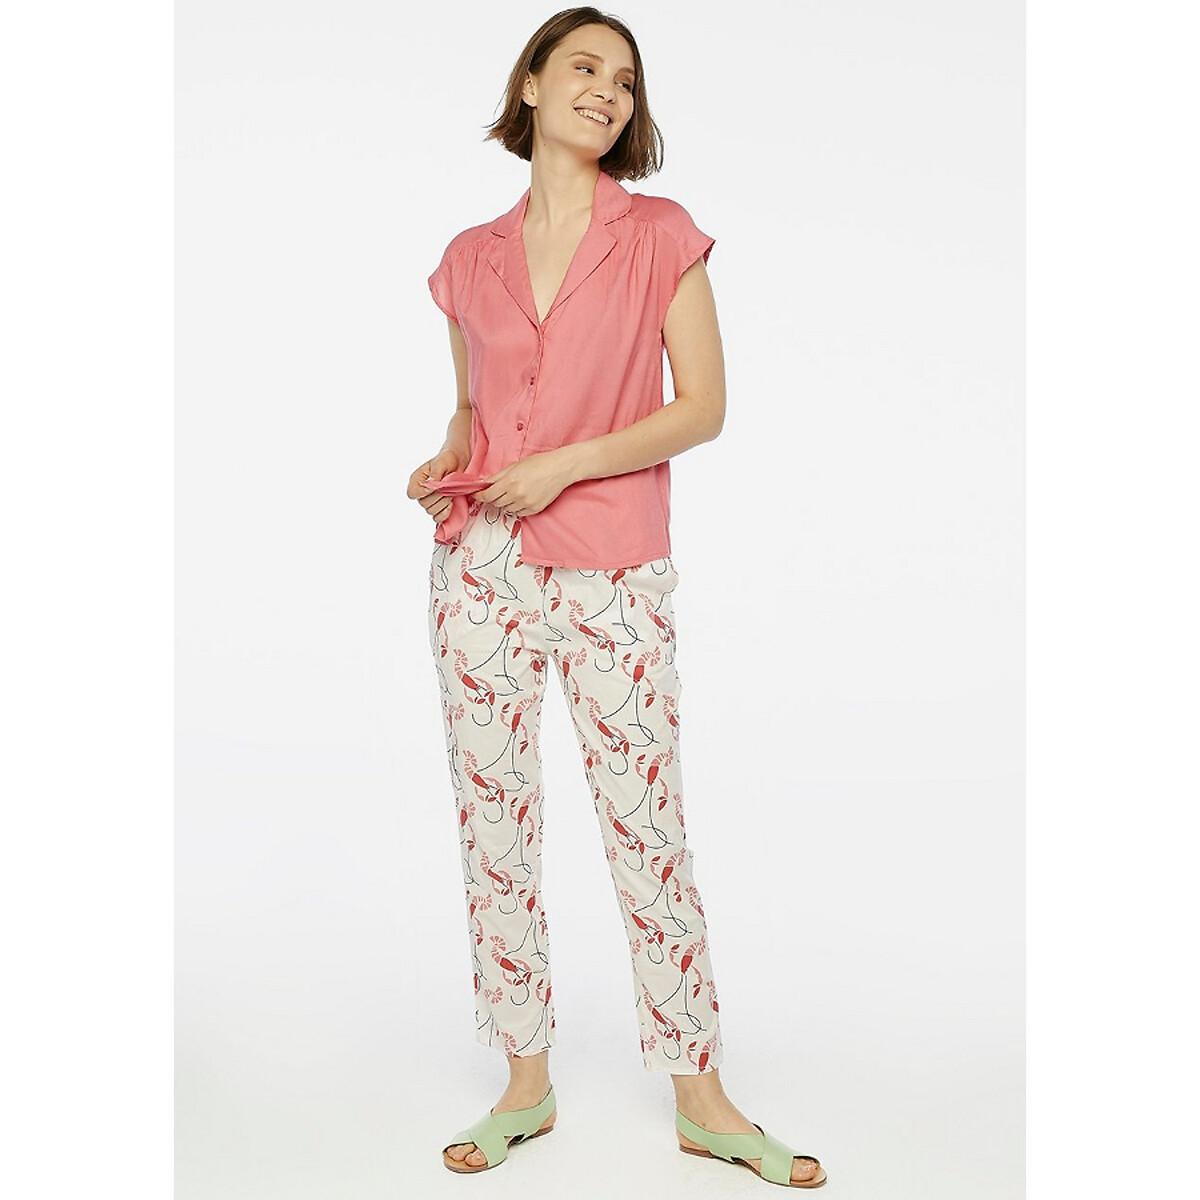 Рубашка La Redoute С V-образным вырезом с отворотами и сборками L розовый la redoute la redoute l розовый